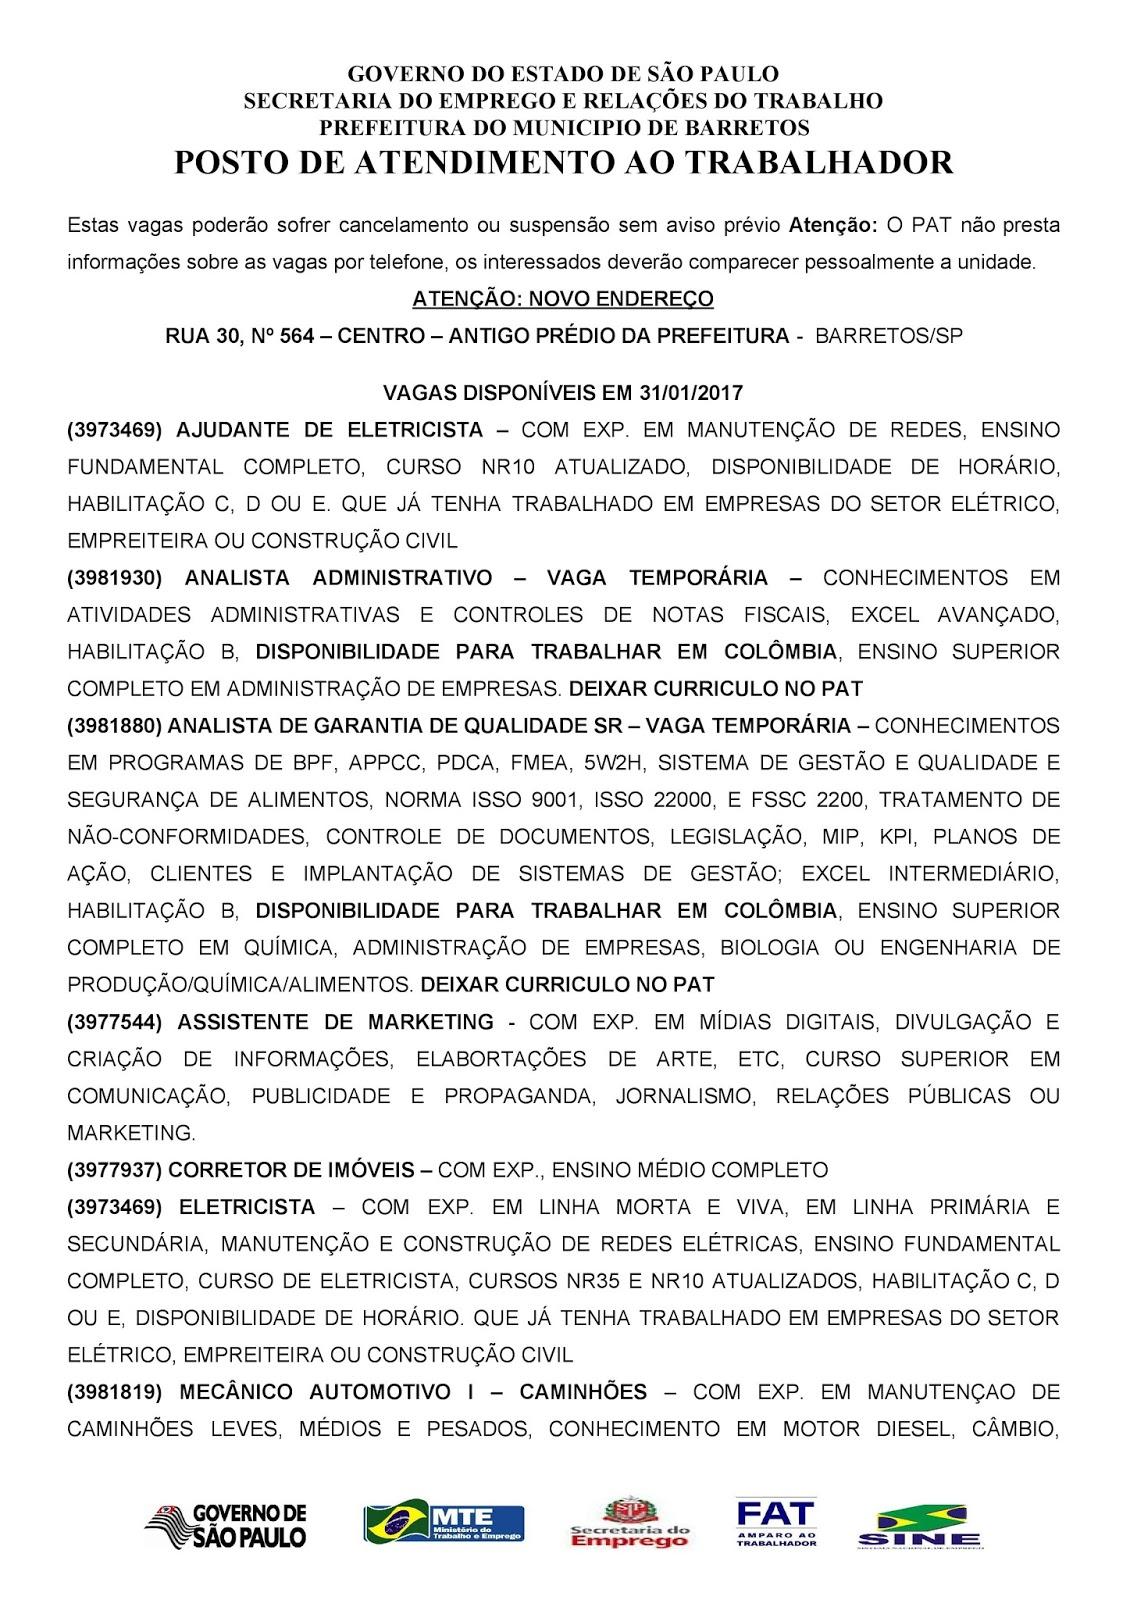 VAGAS DE EMPREGO DO PAT BARRETOS-SP PARA 31/01/2017 TERÇA-FEIRA - PAG. 1